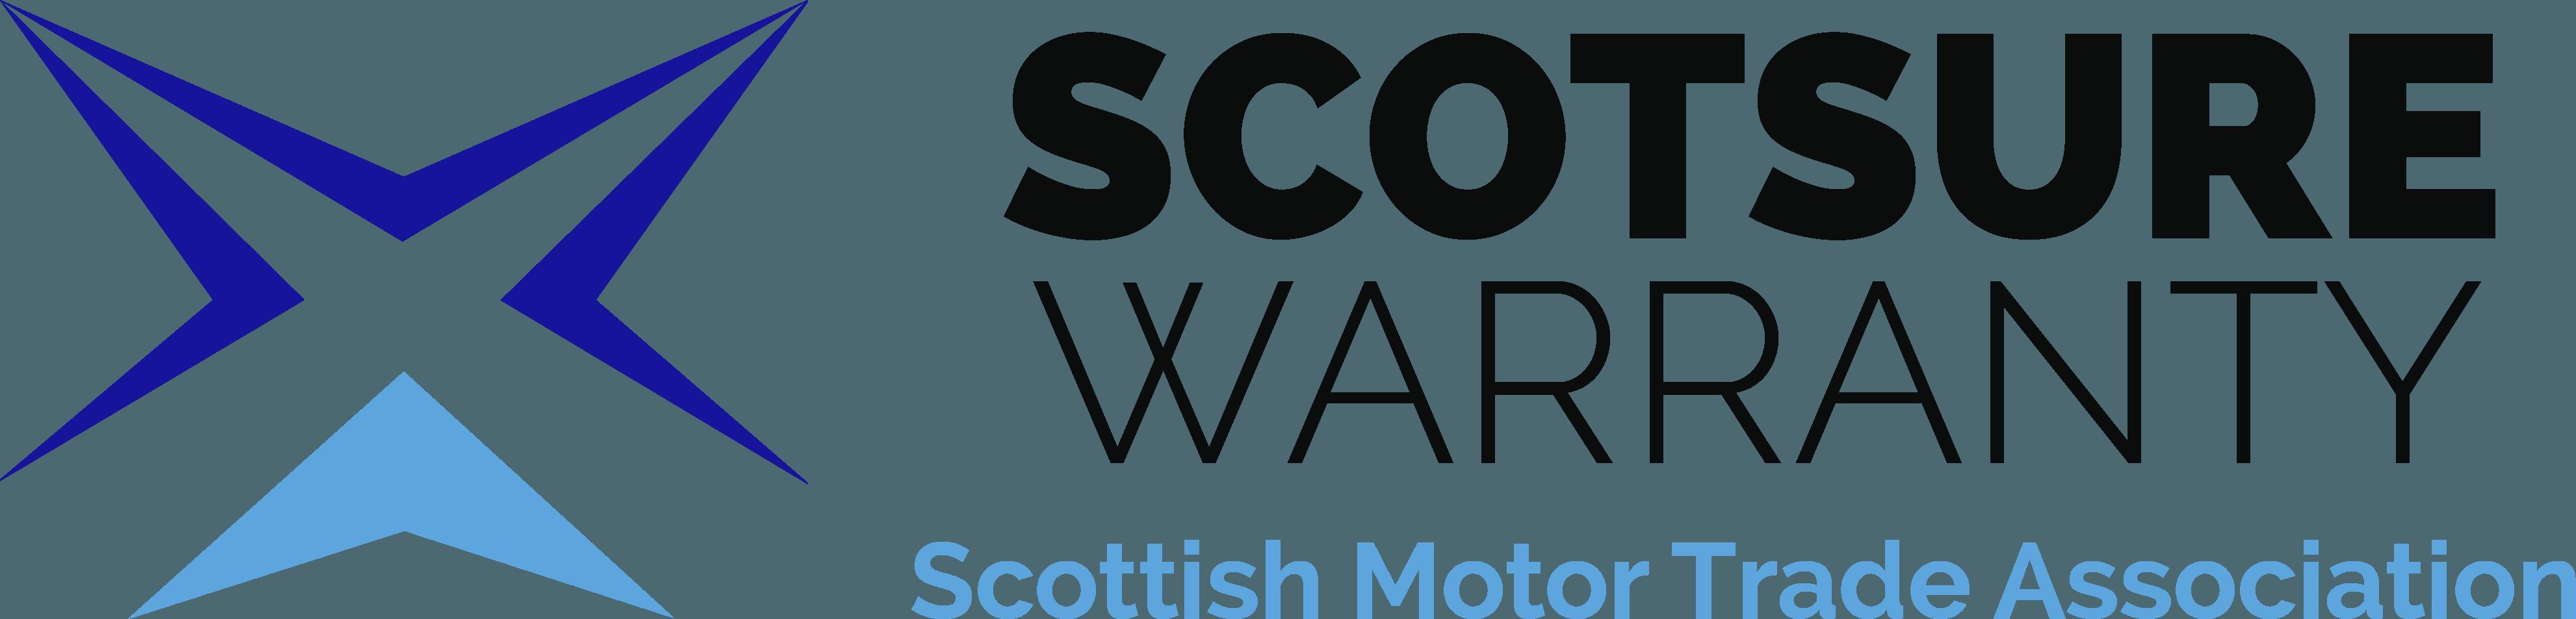 Scotsure